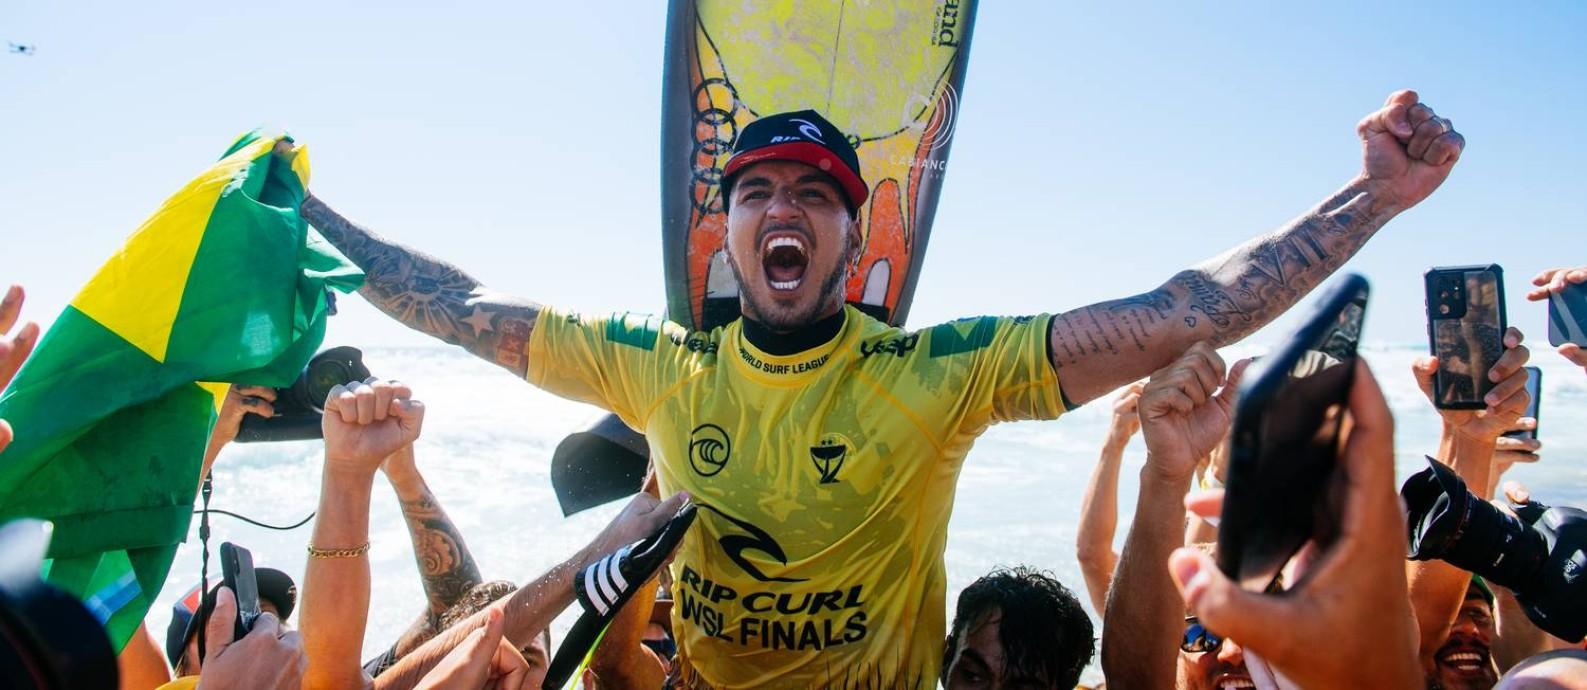 Gabriel Medina solta o grito de (tri)campeão mundial Foto: Pat Nolan / WSL